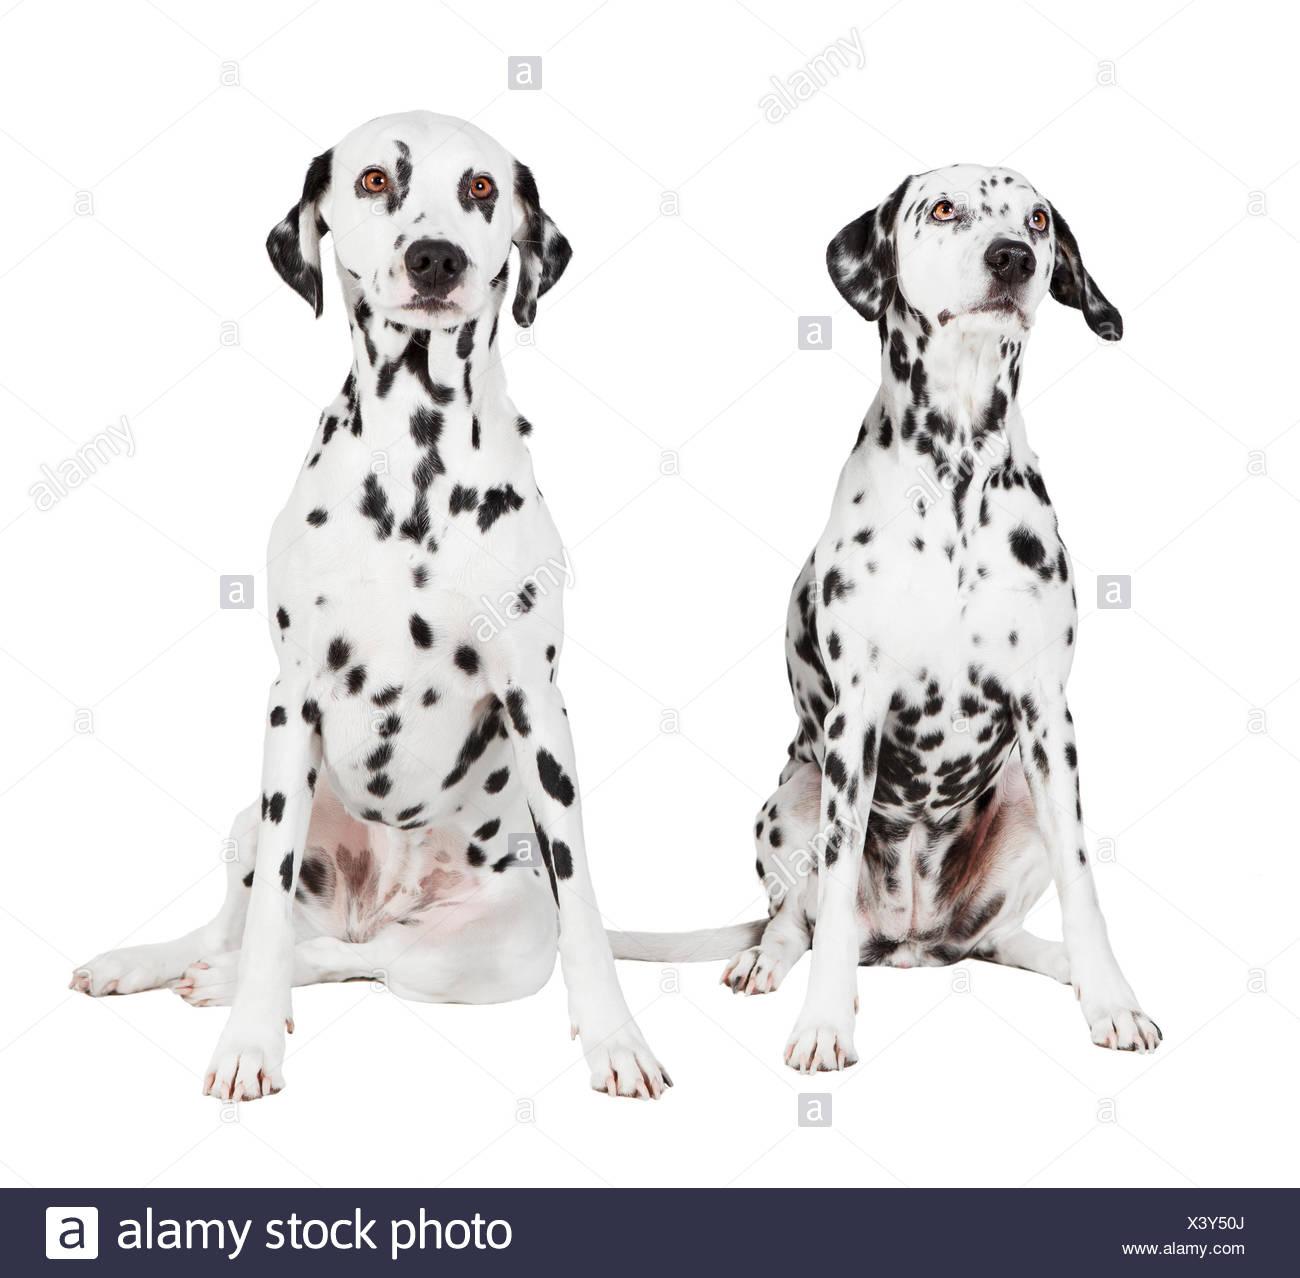 zwei sitzende Dalmatiner vor weißem Hintergrund, freigestellt - Stock Image